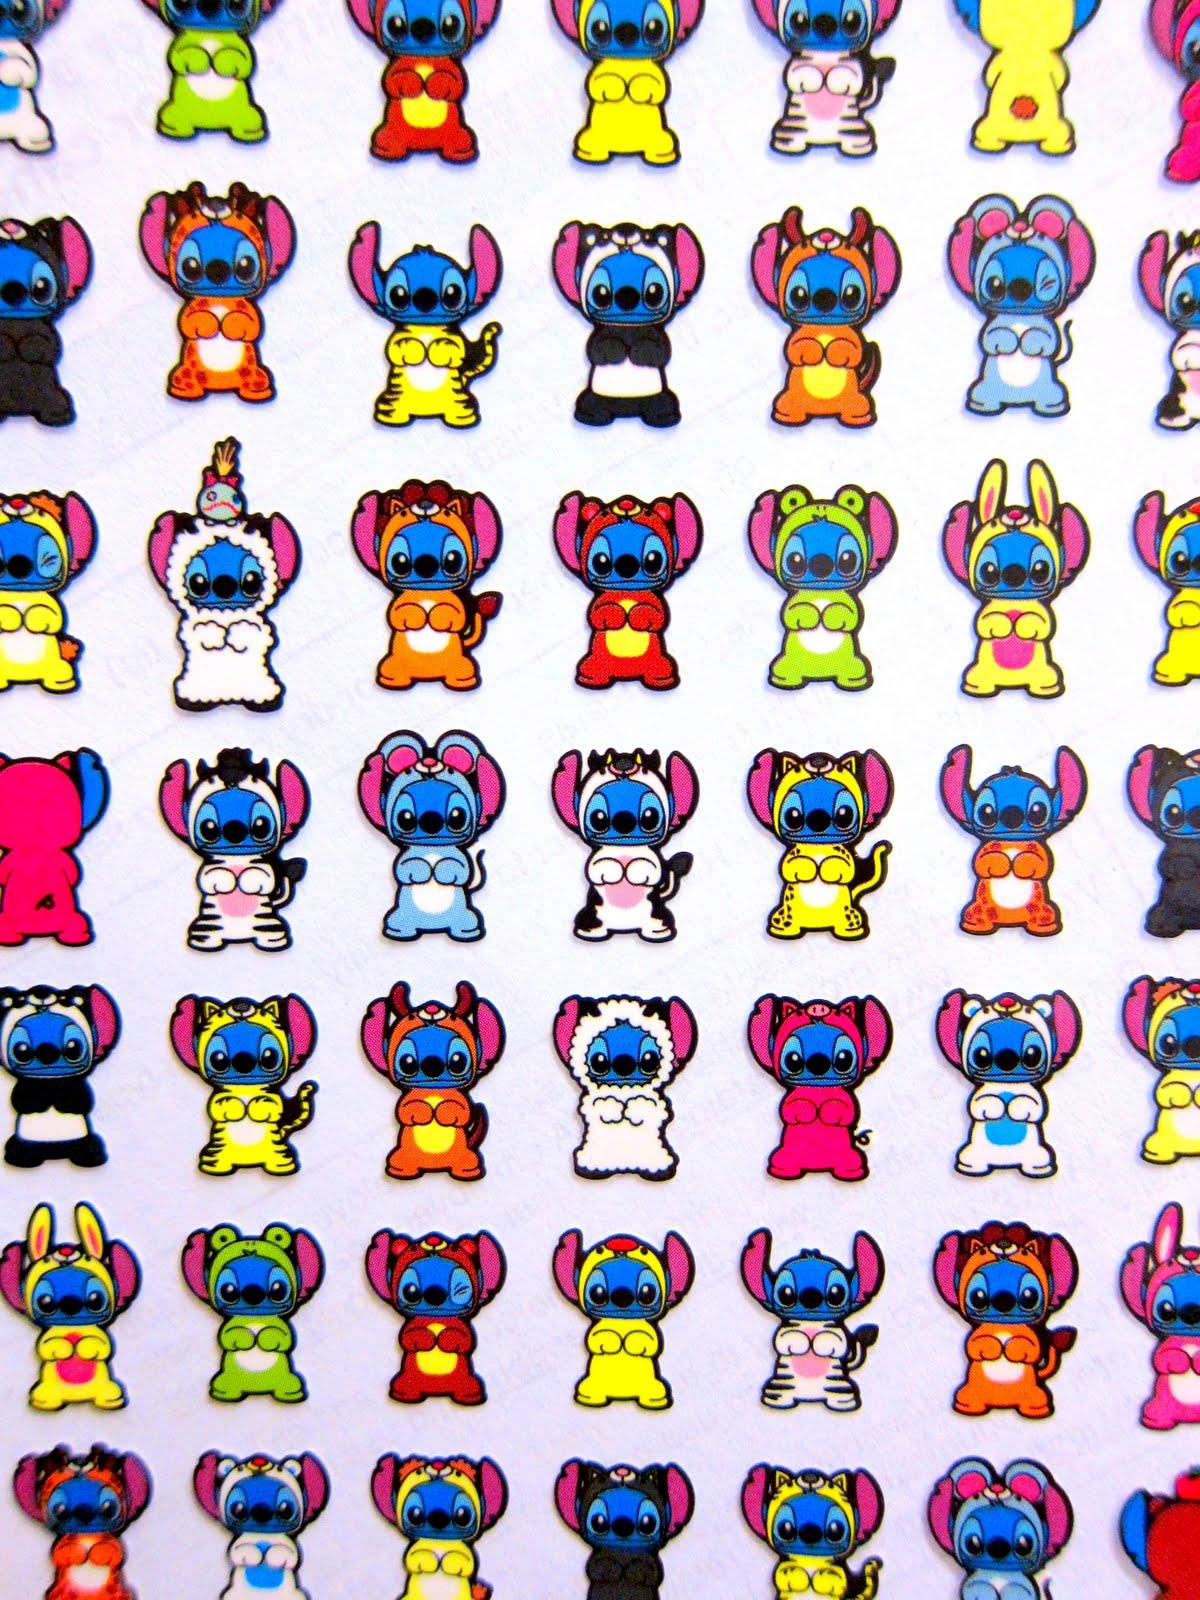 Cutetastic Disney Finds: Stitch in Disguise Stickers